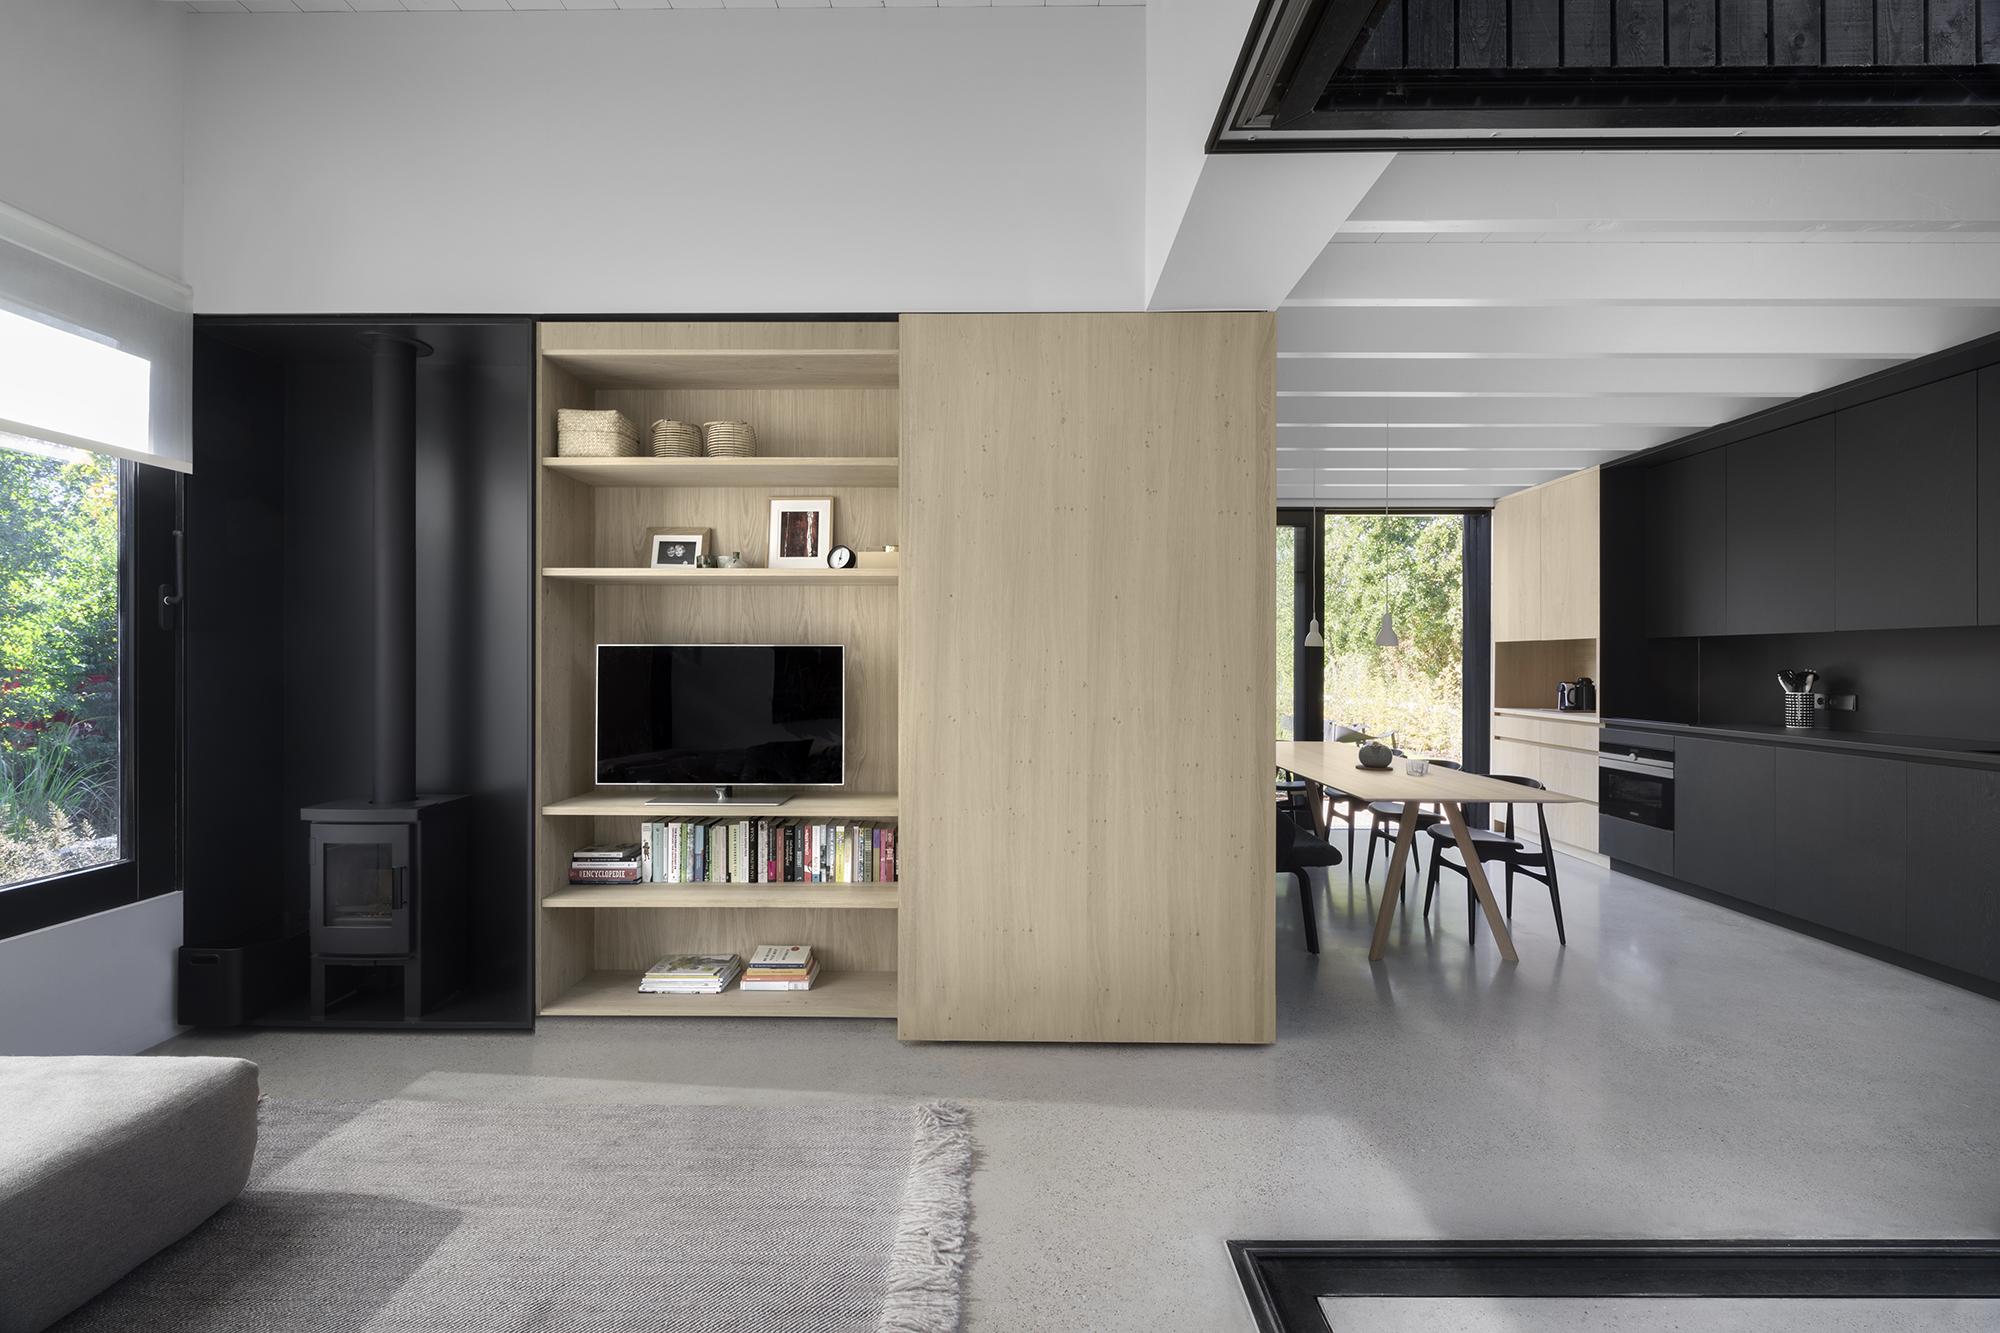 <p>Tiny Holiday Home in Vinkeveen door i29 interior architects en Chris Collaris, beeld Ewout Huibers</p>